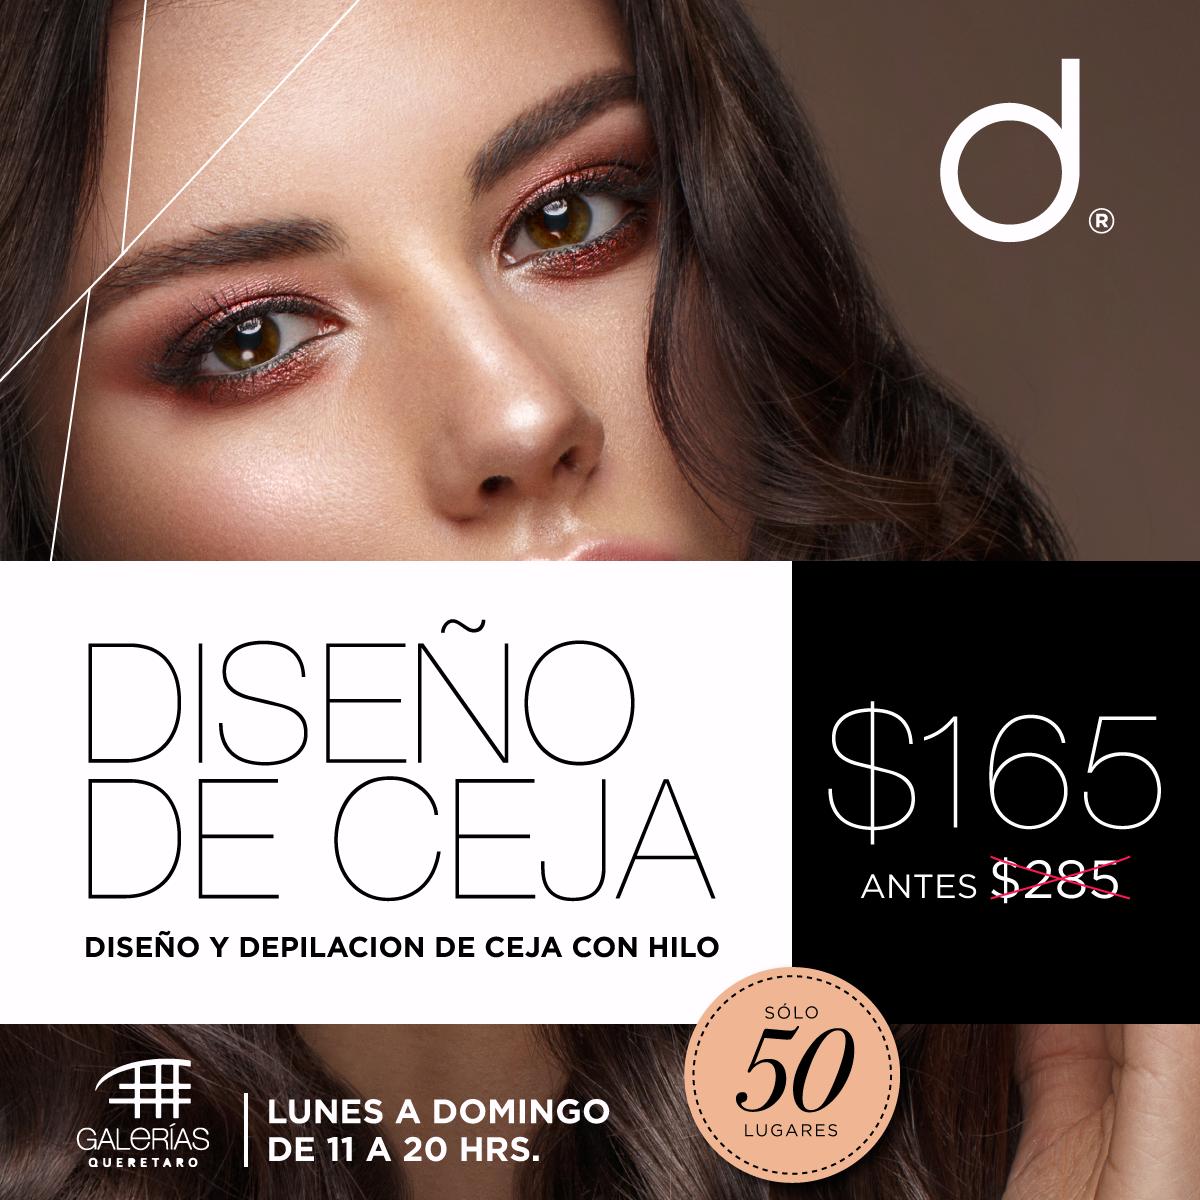 Diseño y depilación de ceja -  Sólo GALERÍAS QUERÉTARO&w=900&h=900&fit=crop